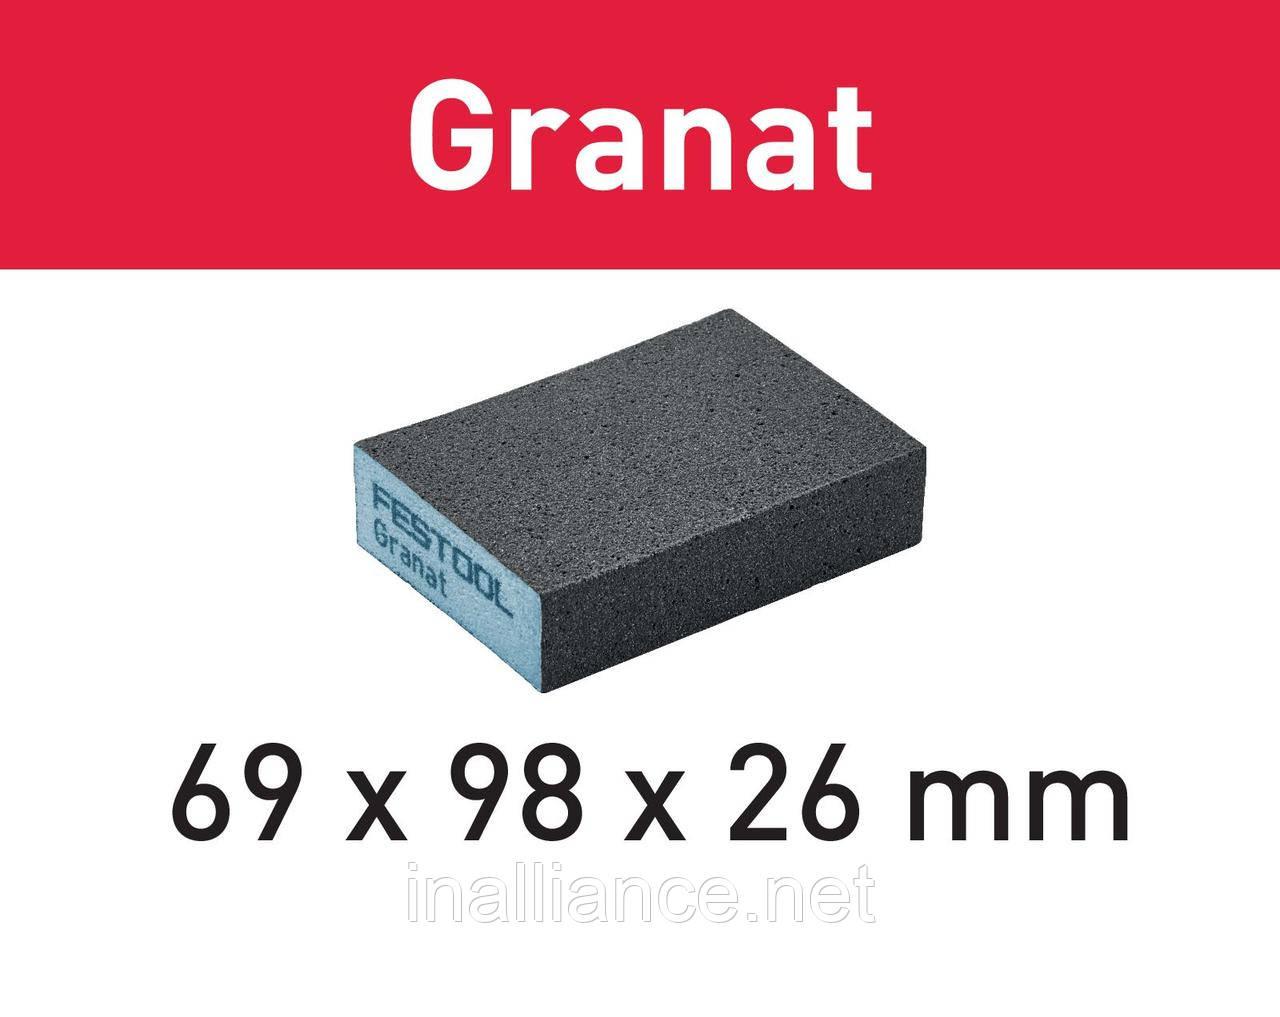 Губка шлифовальная 69 мм x 98 мм x 26 мм Р60 GR/6 Granat Festool 201081